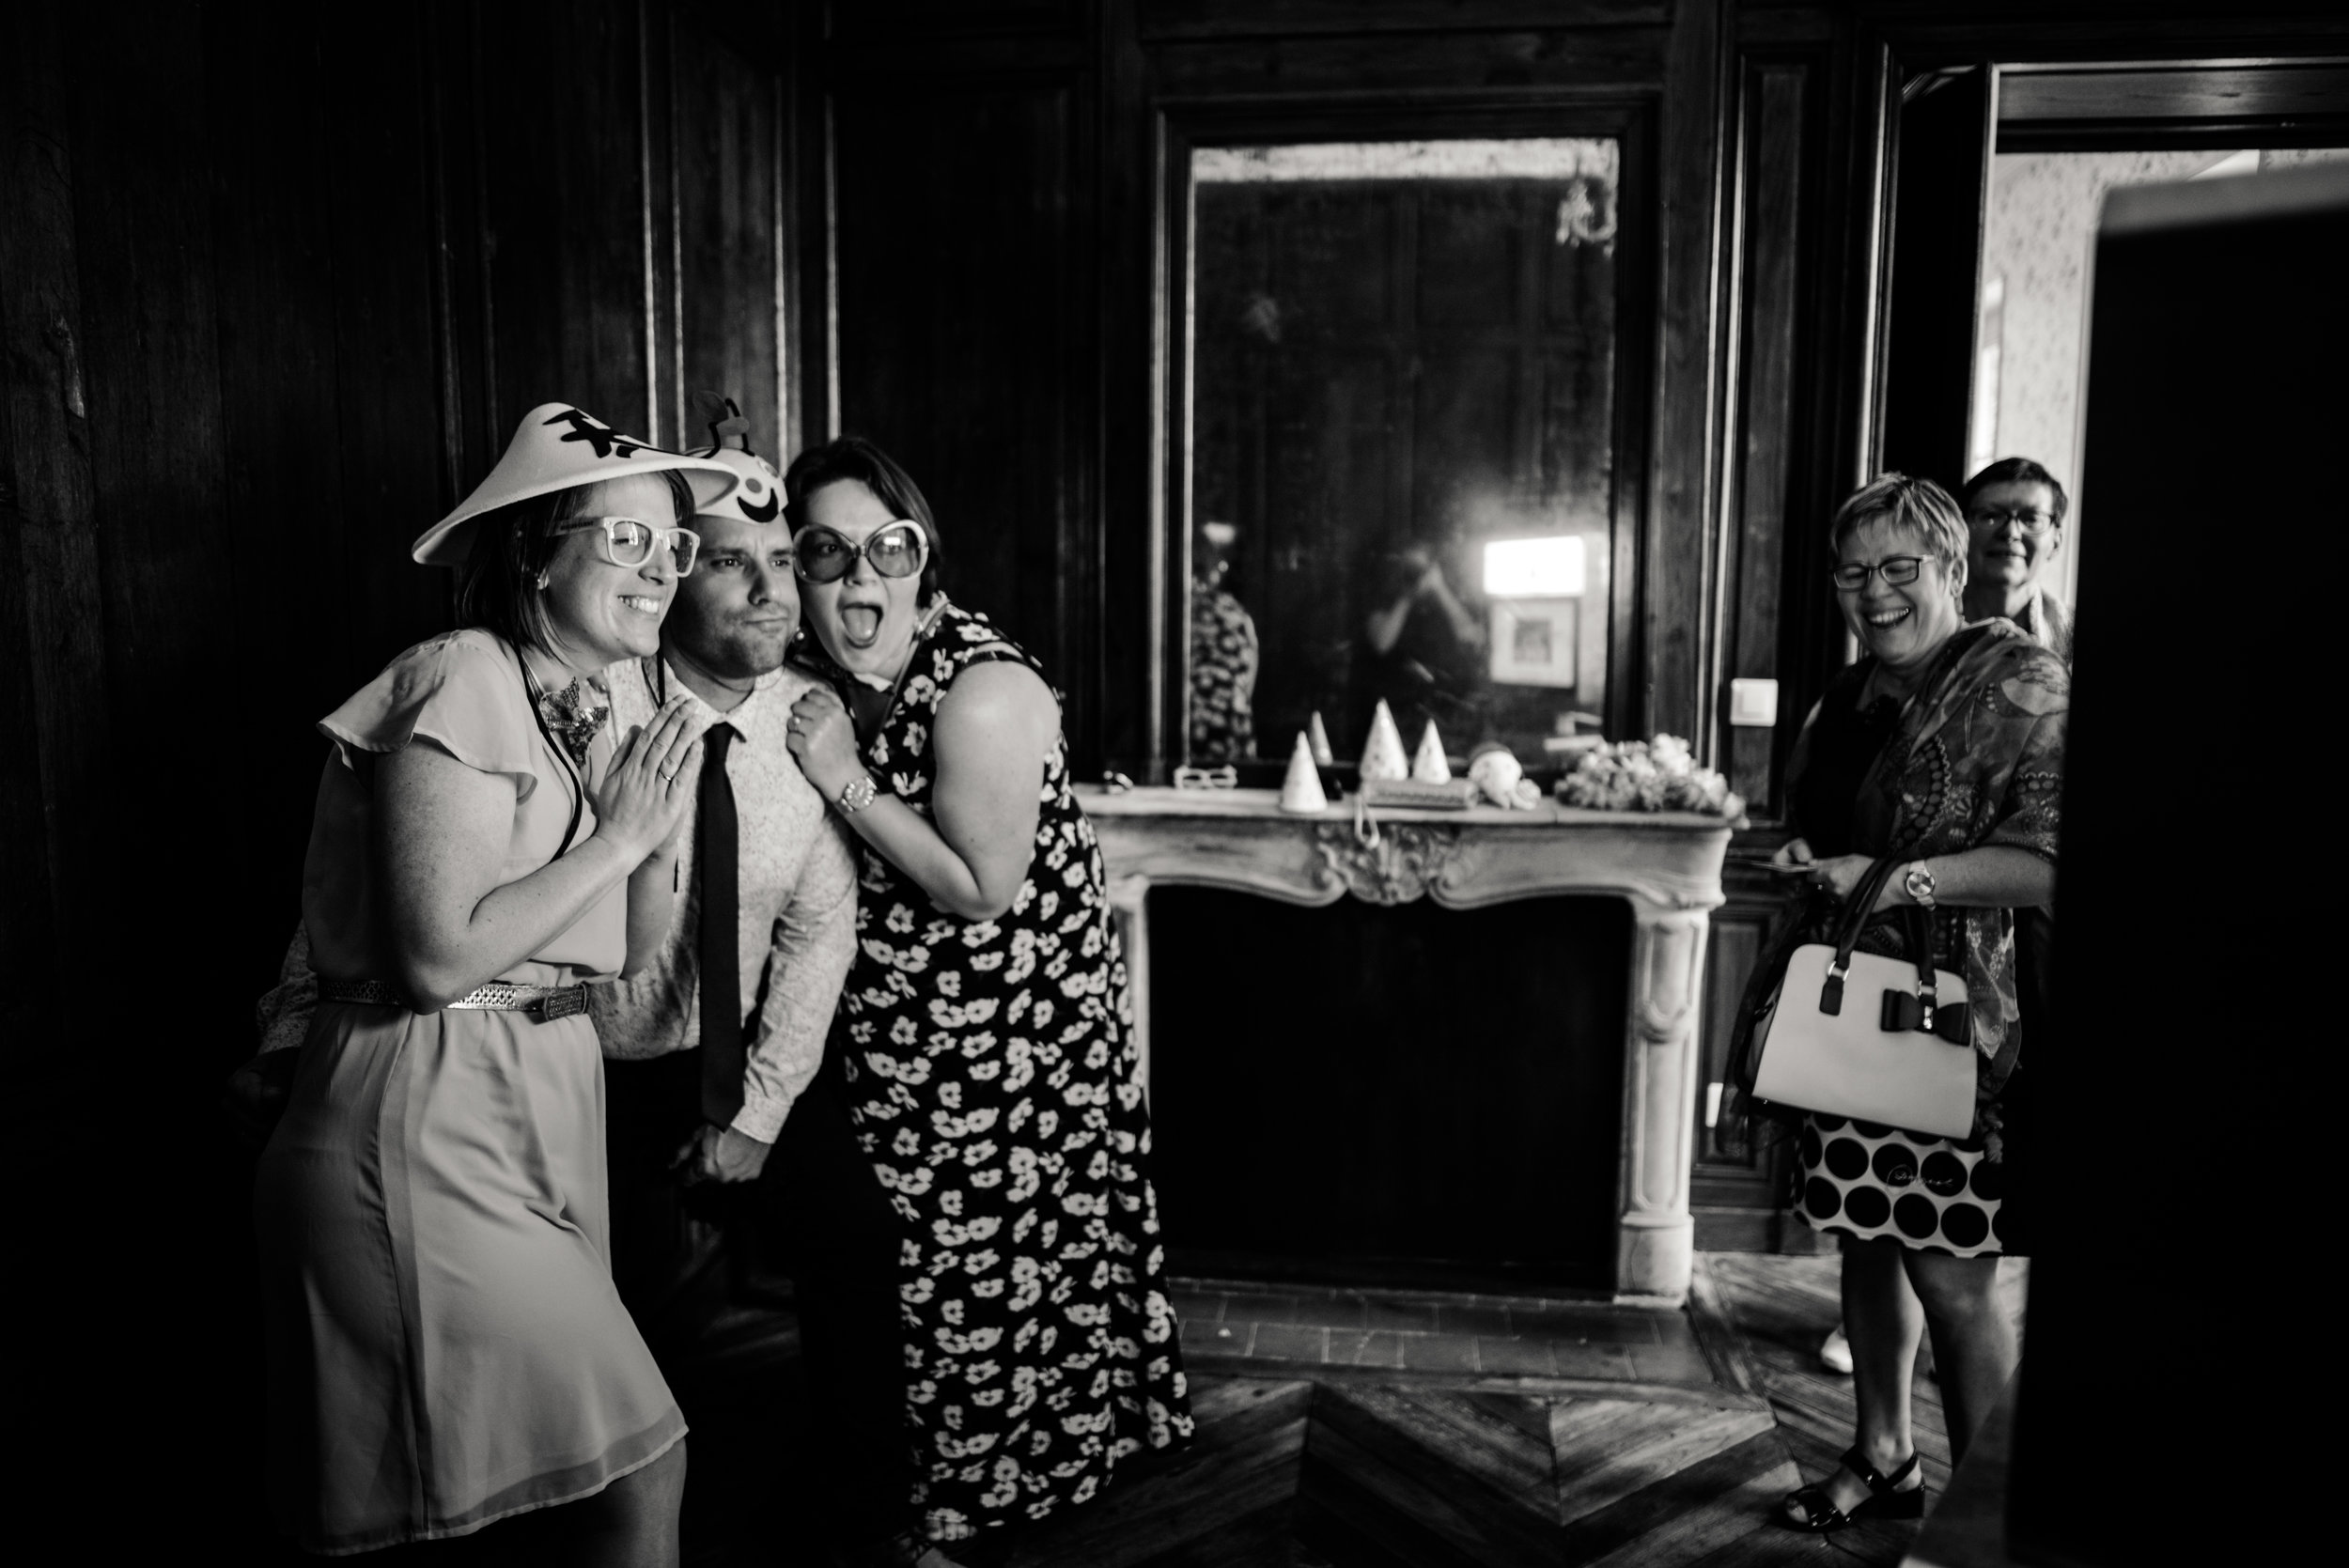 Léa-Fery-photographe-professionnel-lyon-rhone-alpes-portrait-creation-mariage-evenement-evenementiel-famille-2-167.jpg